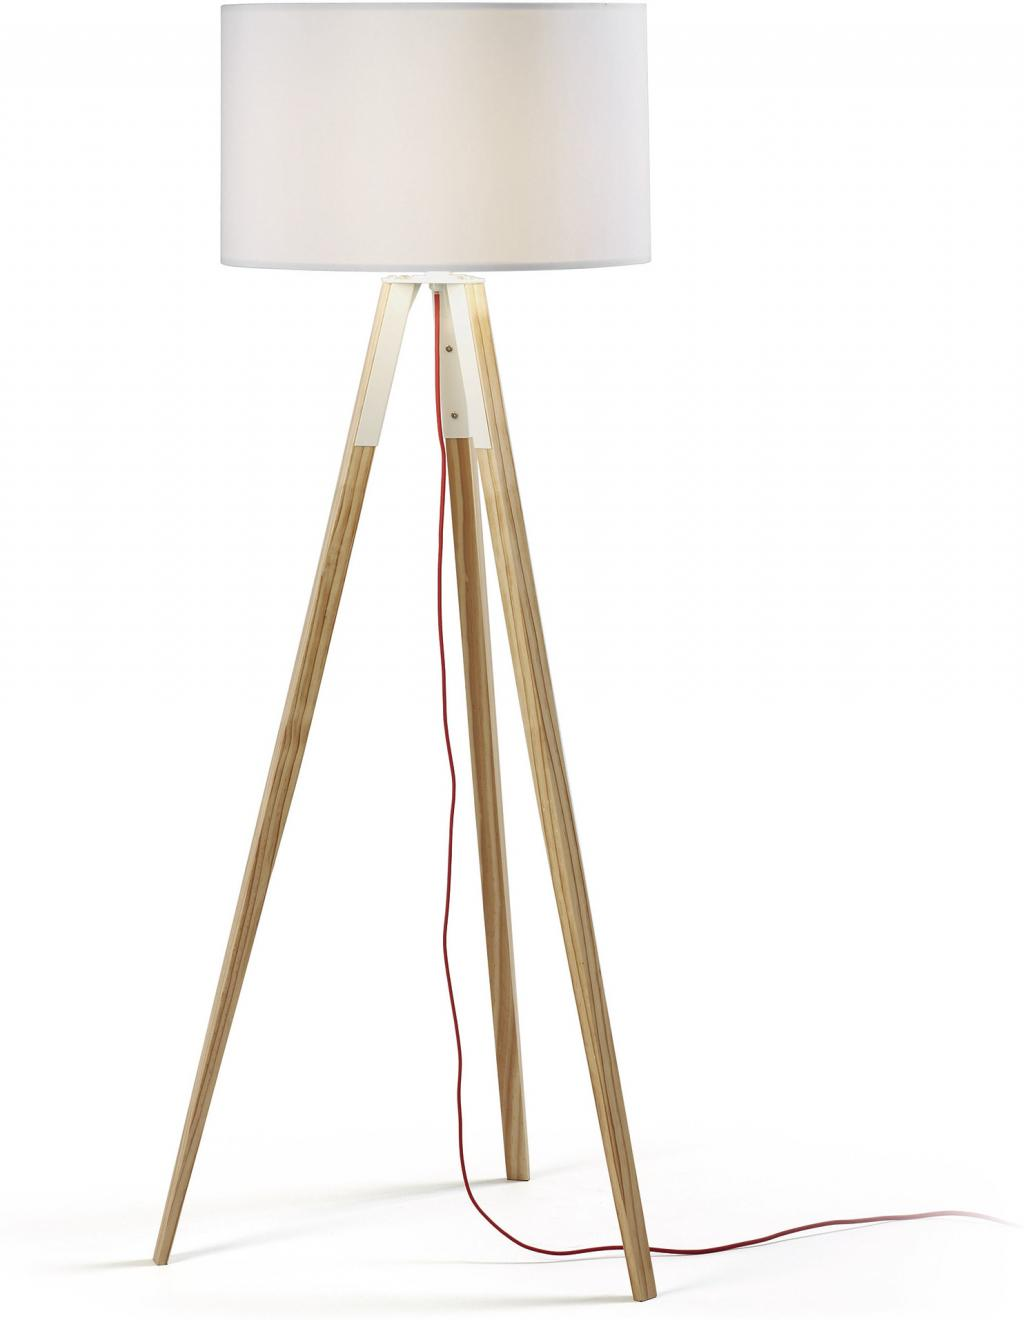 stehlampe iguazu tripod wei braun la forma kaufen wohn und. Black Bedroom Furniture Sets. Home Design Ideas